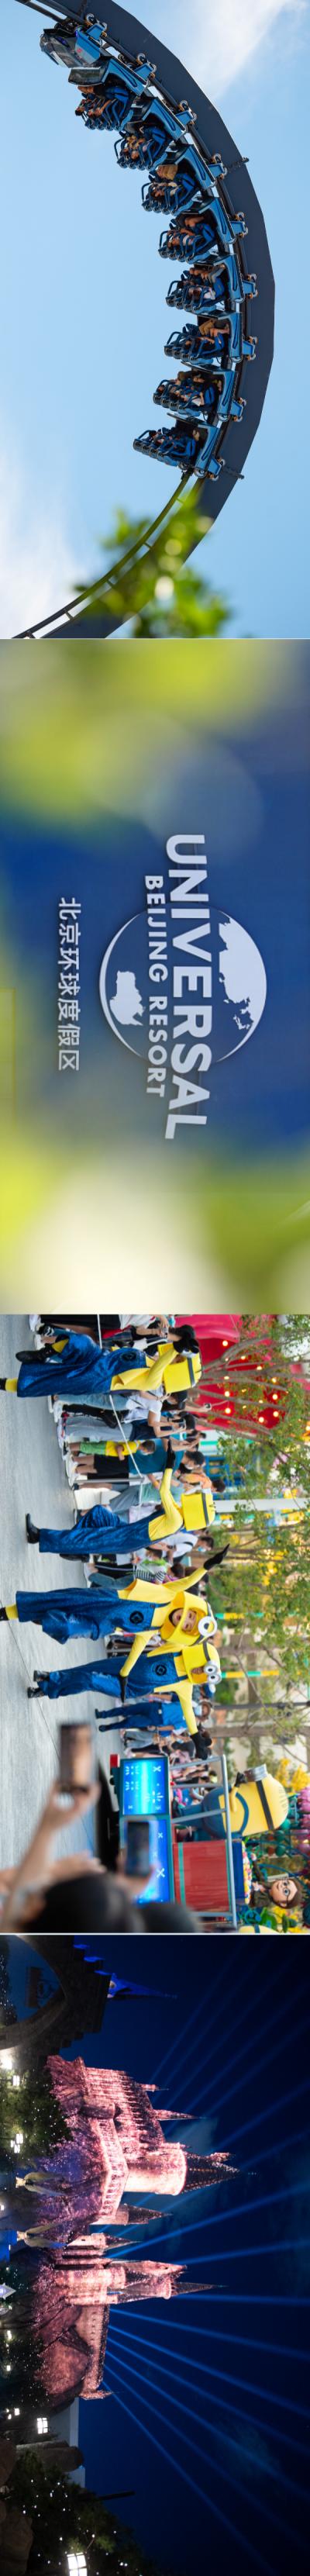 北京环球影城要开园了!这个世界顶级主题公园是如何建成的?